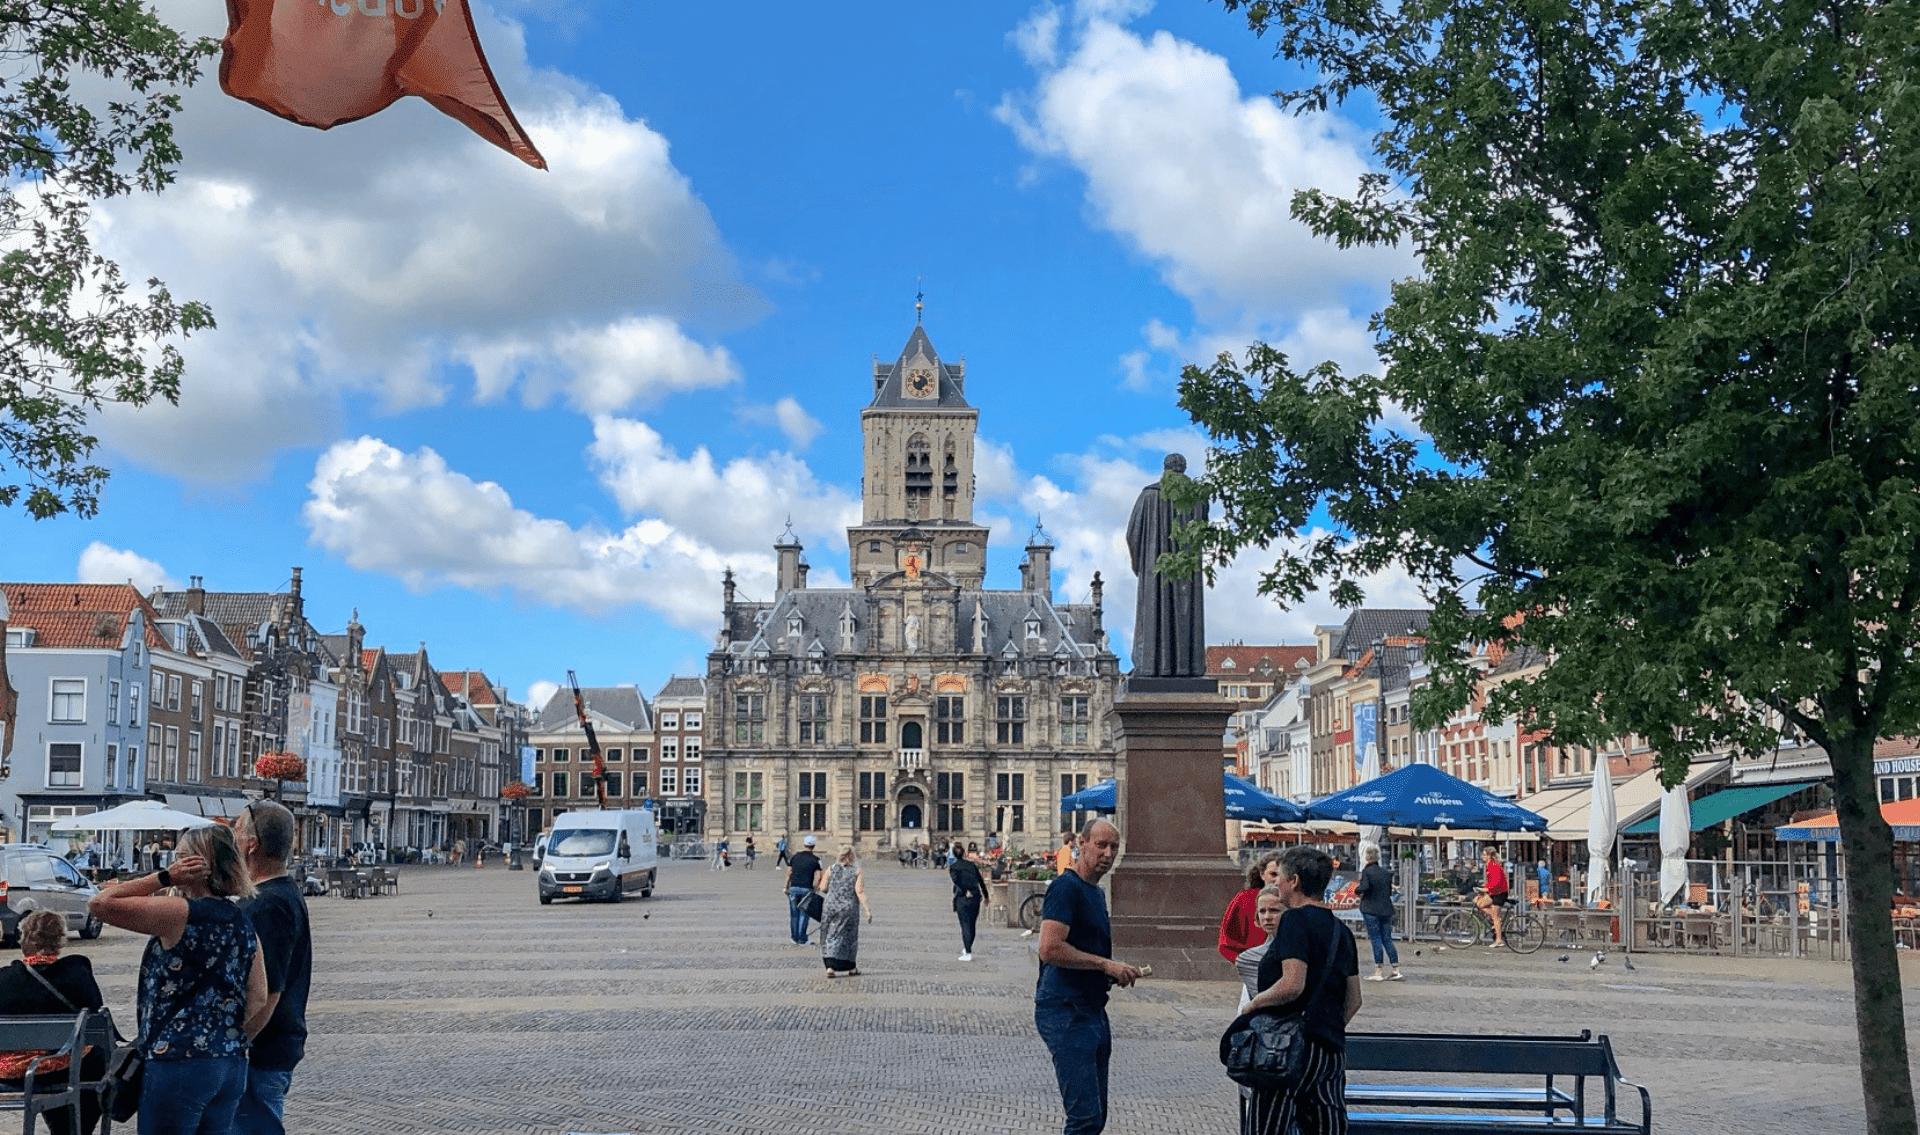 Fietsvakantie Hollandse Waterslandschappen